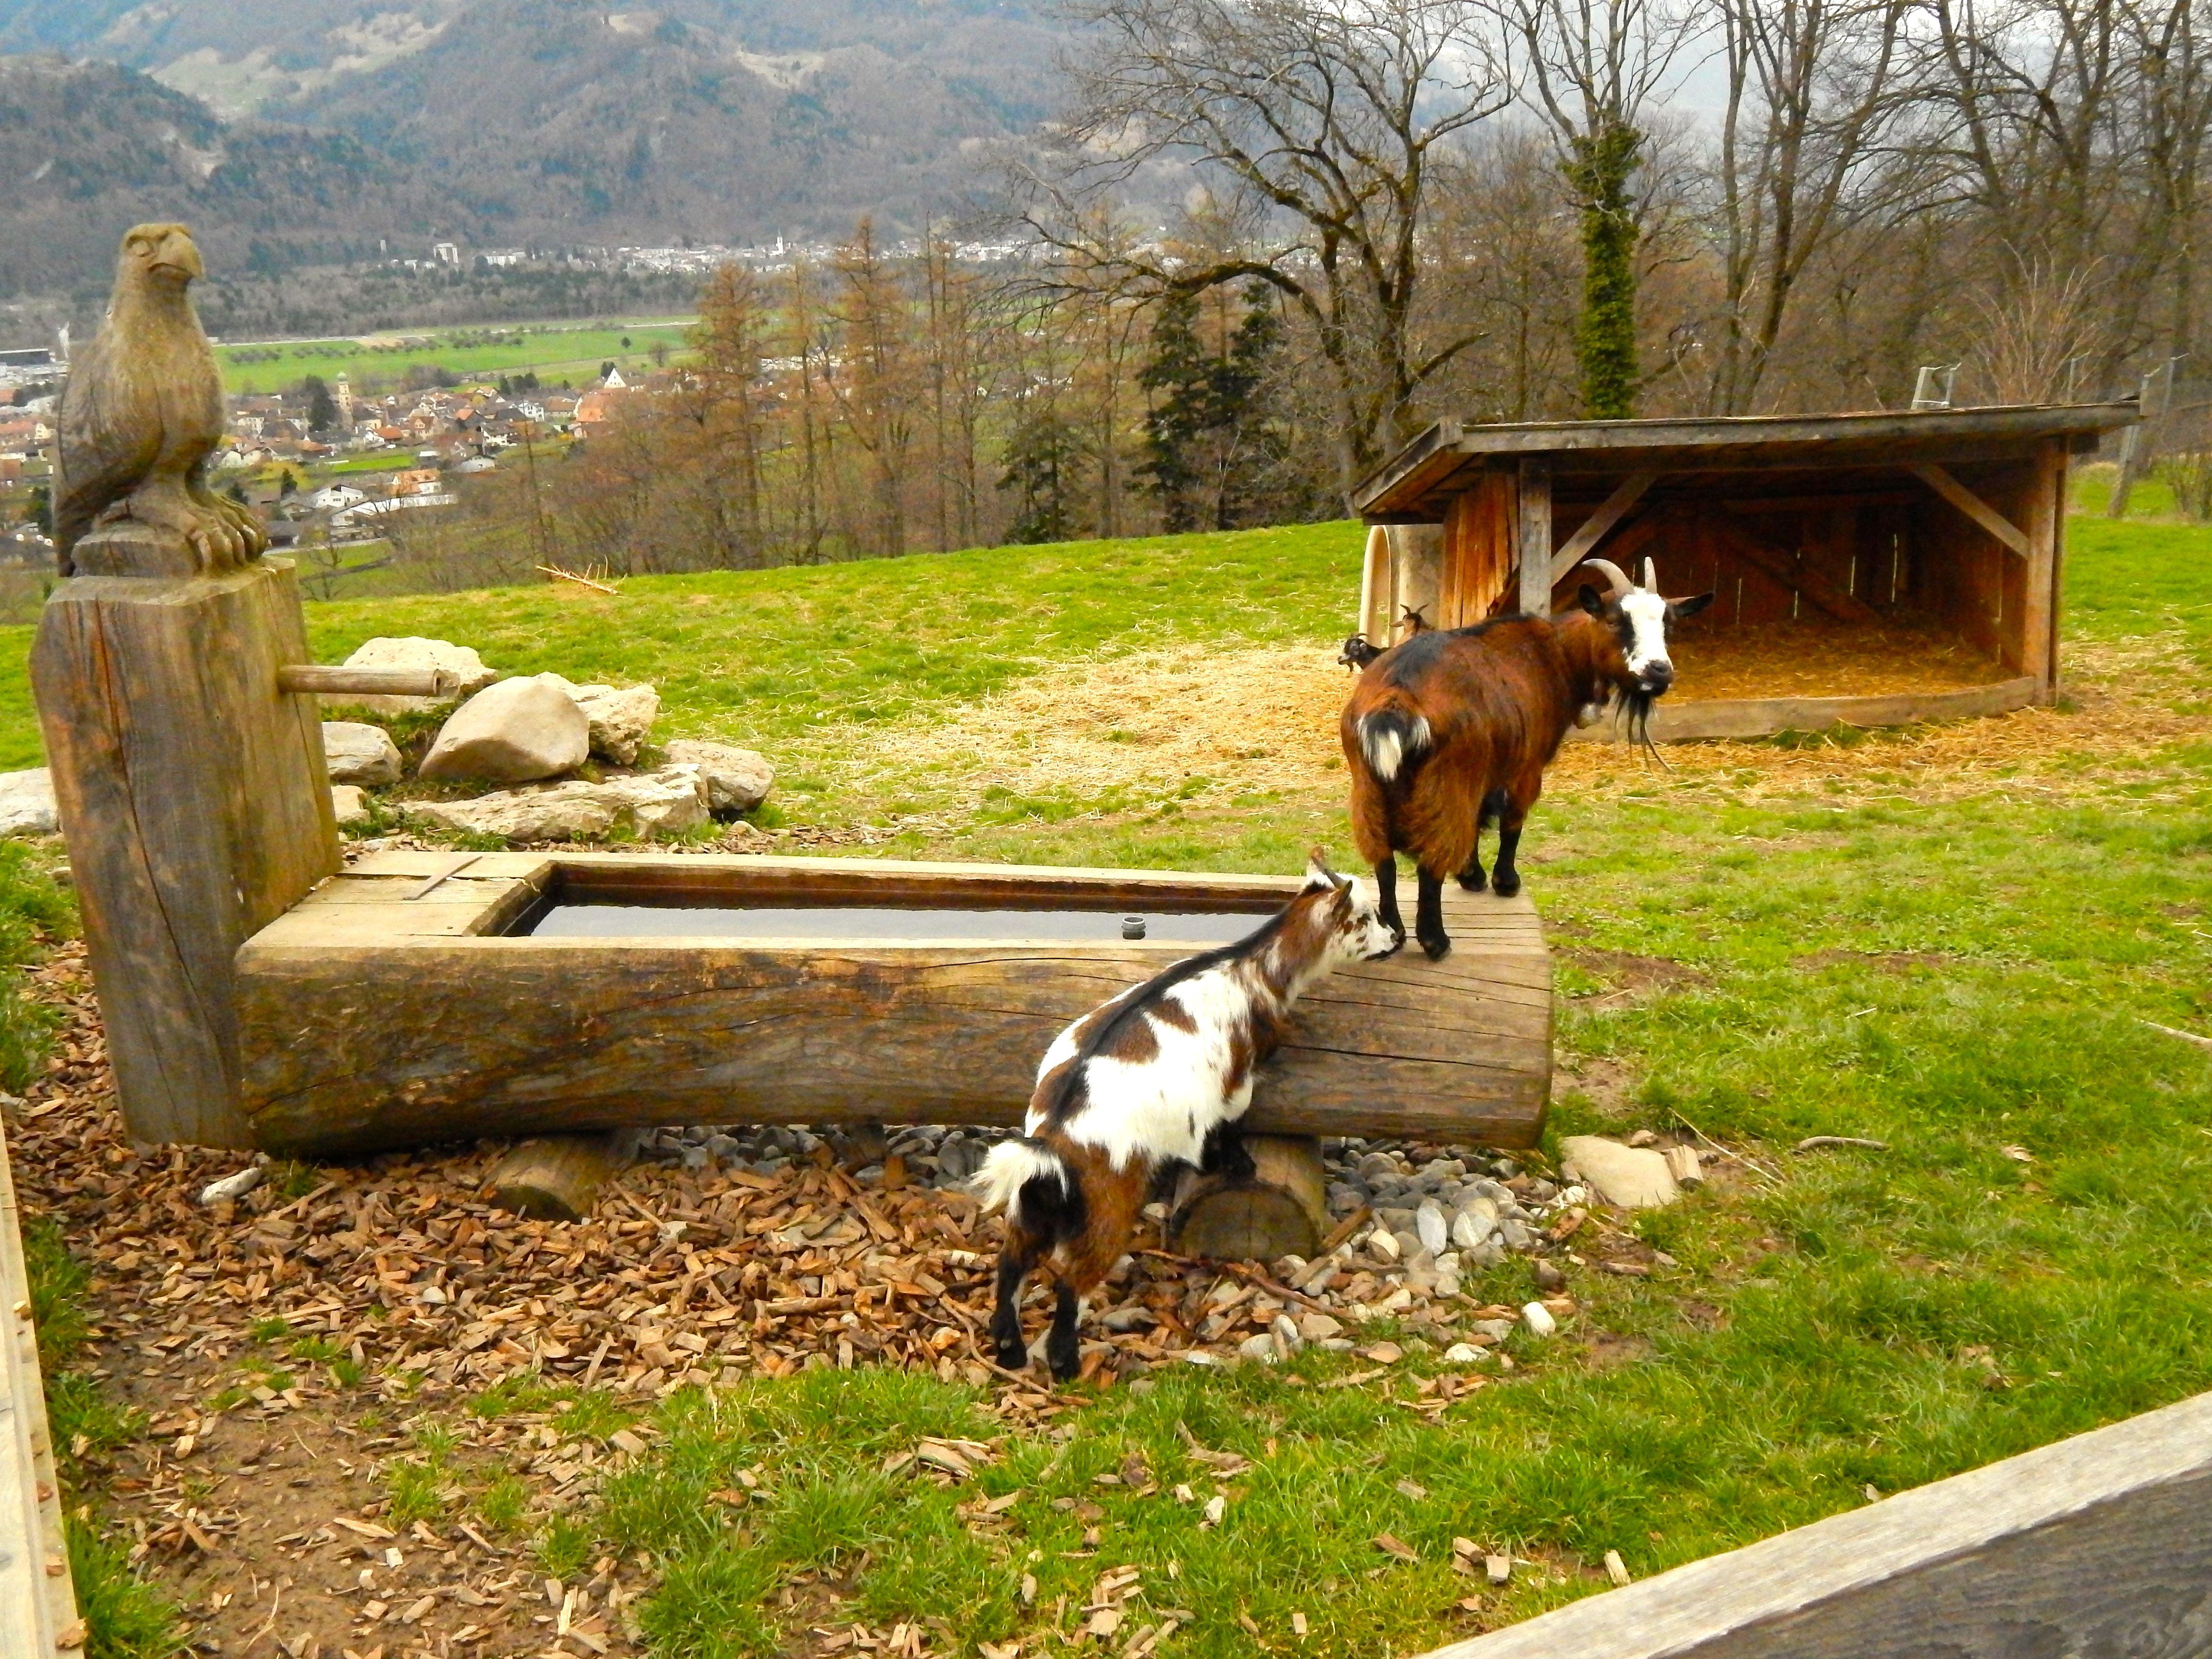 Suiza, Heidiland en Maienfeld. Qué visitar en Suiza?